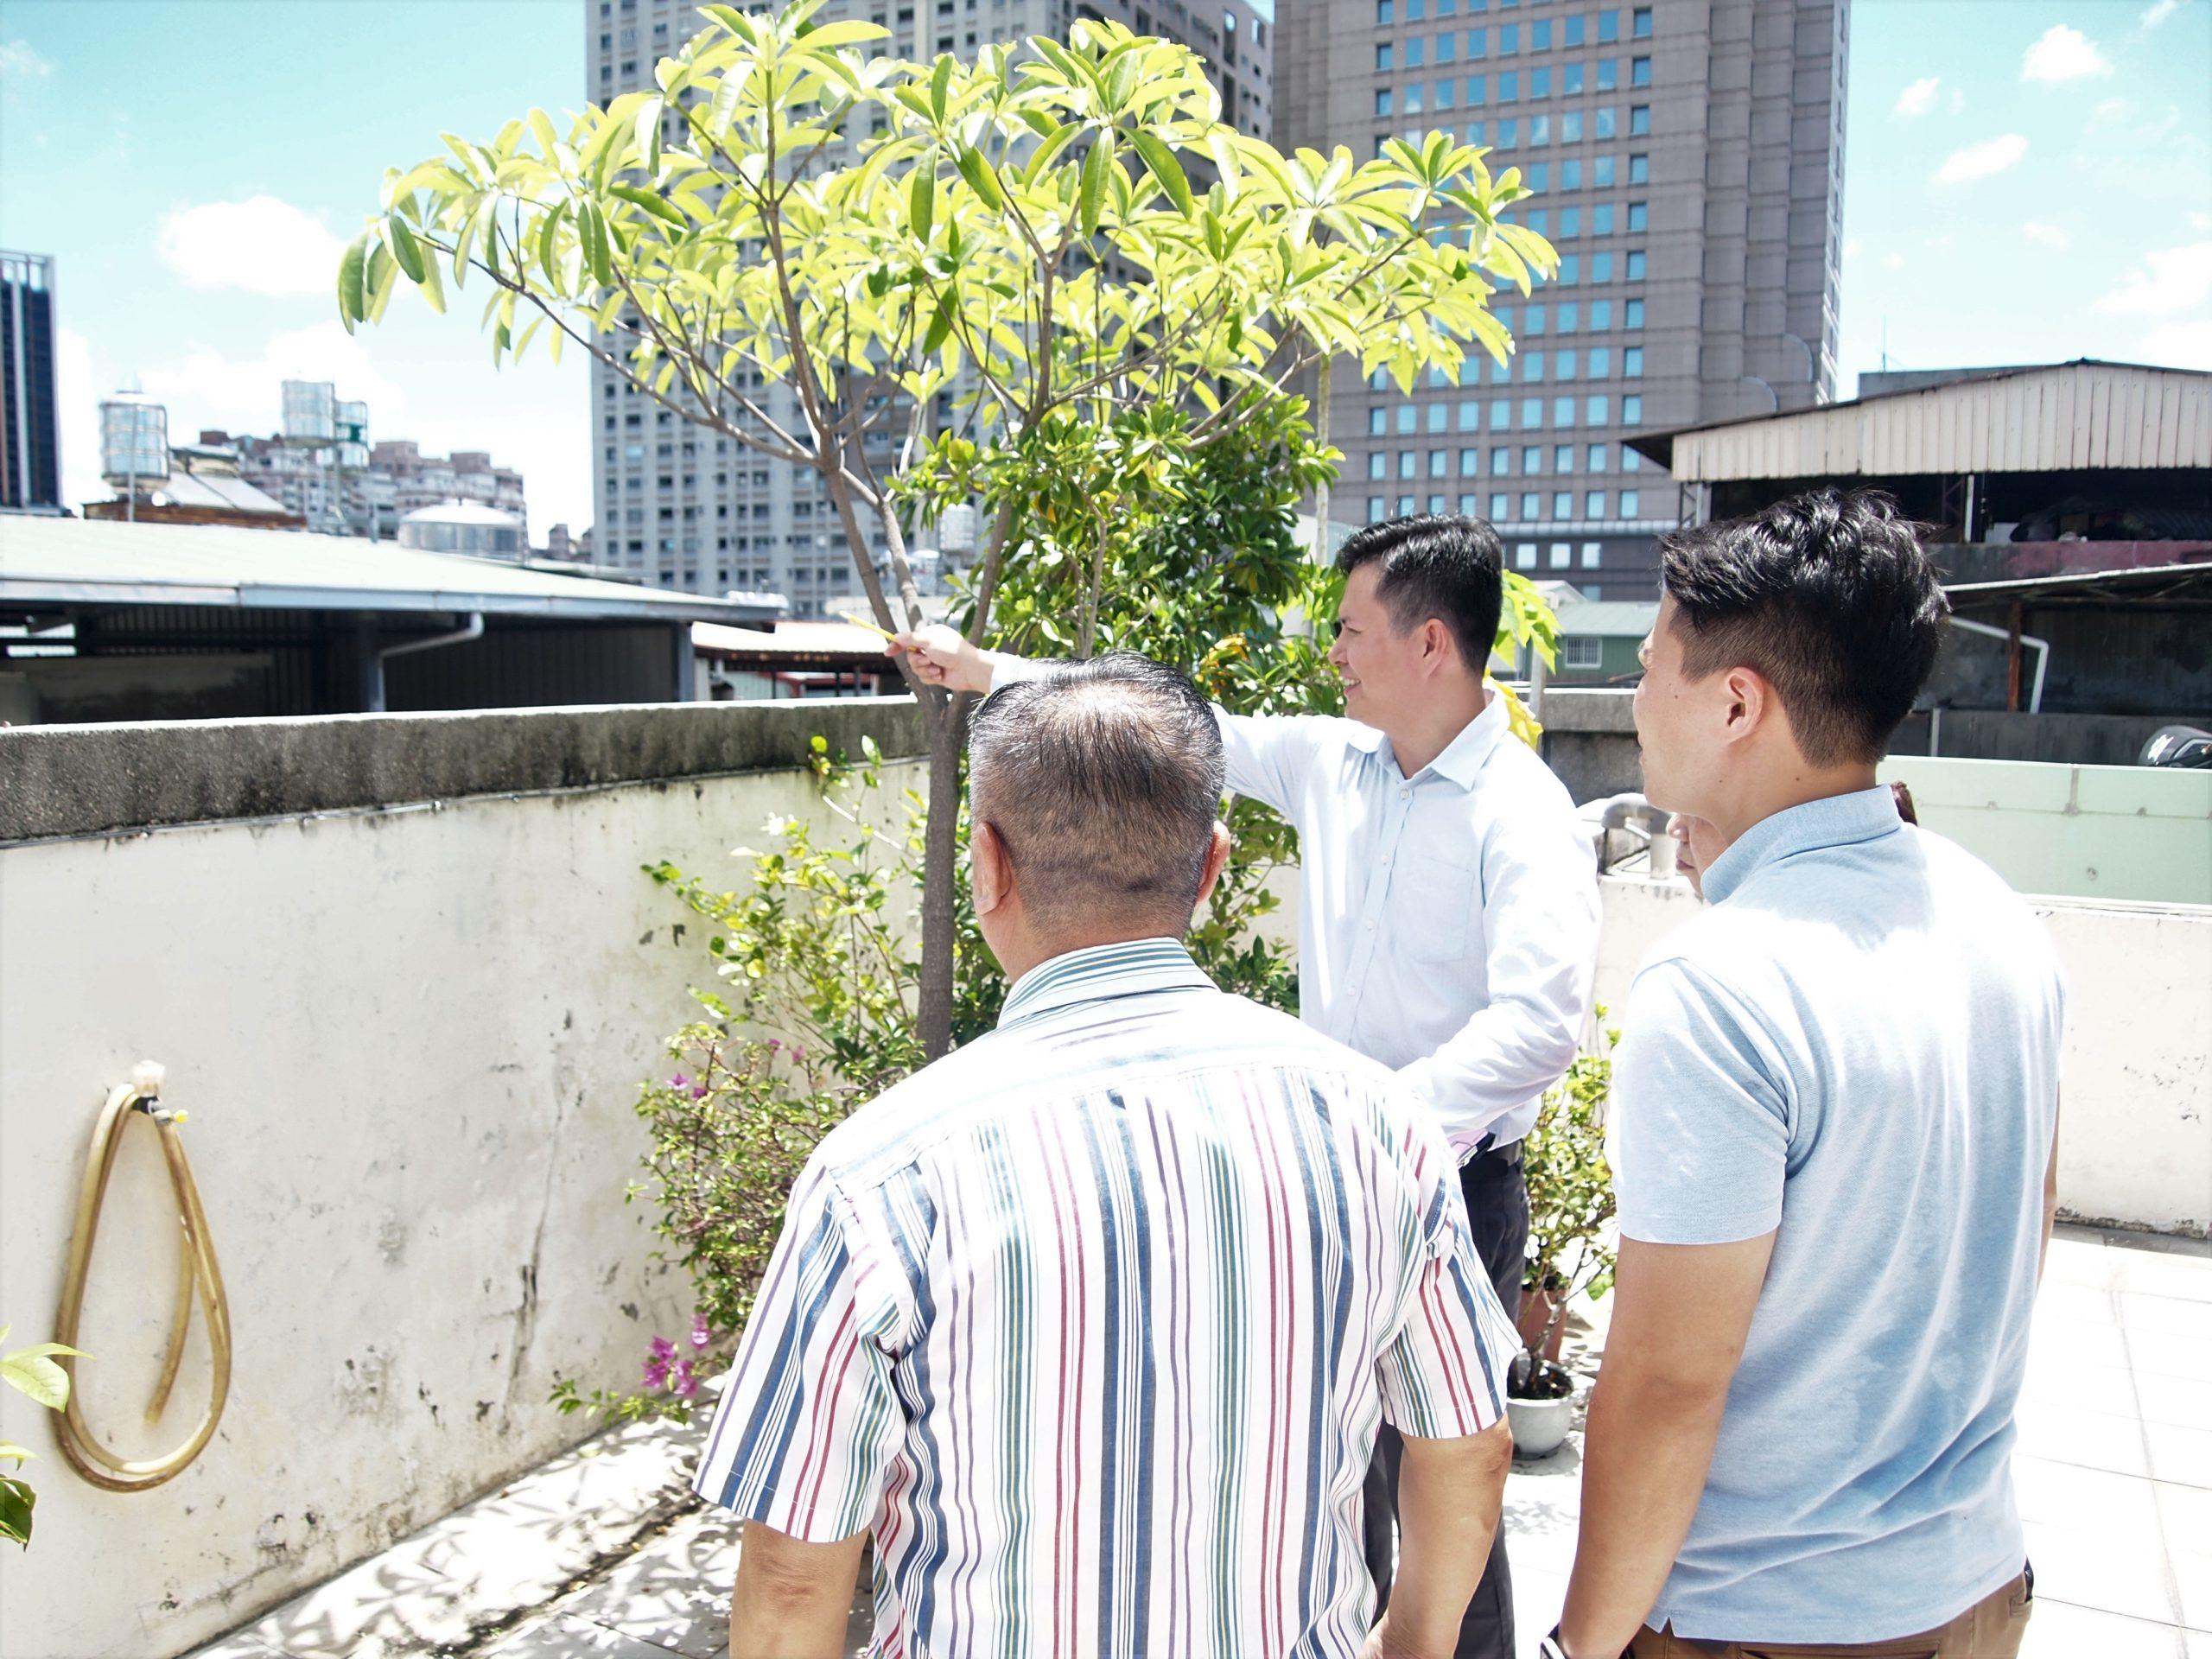 高雄民族住宅風水整修規畫